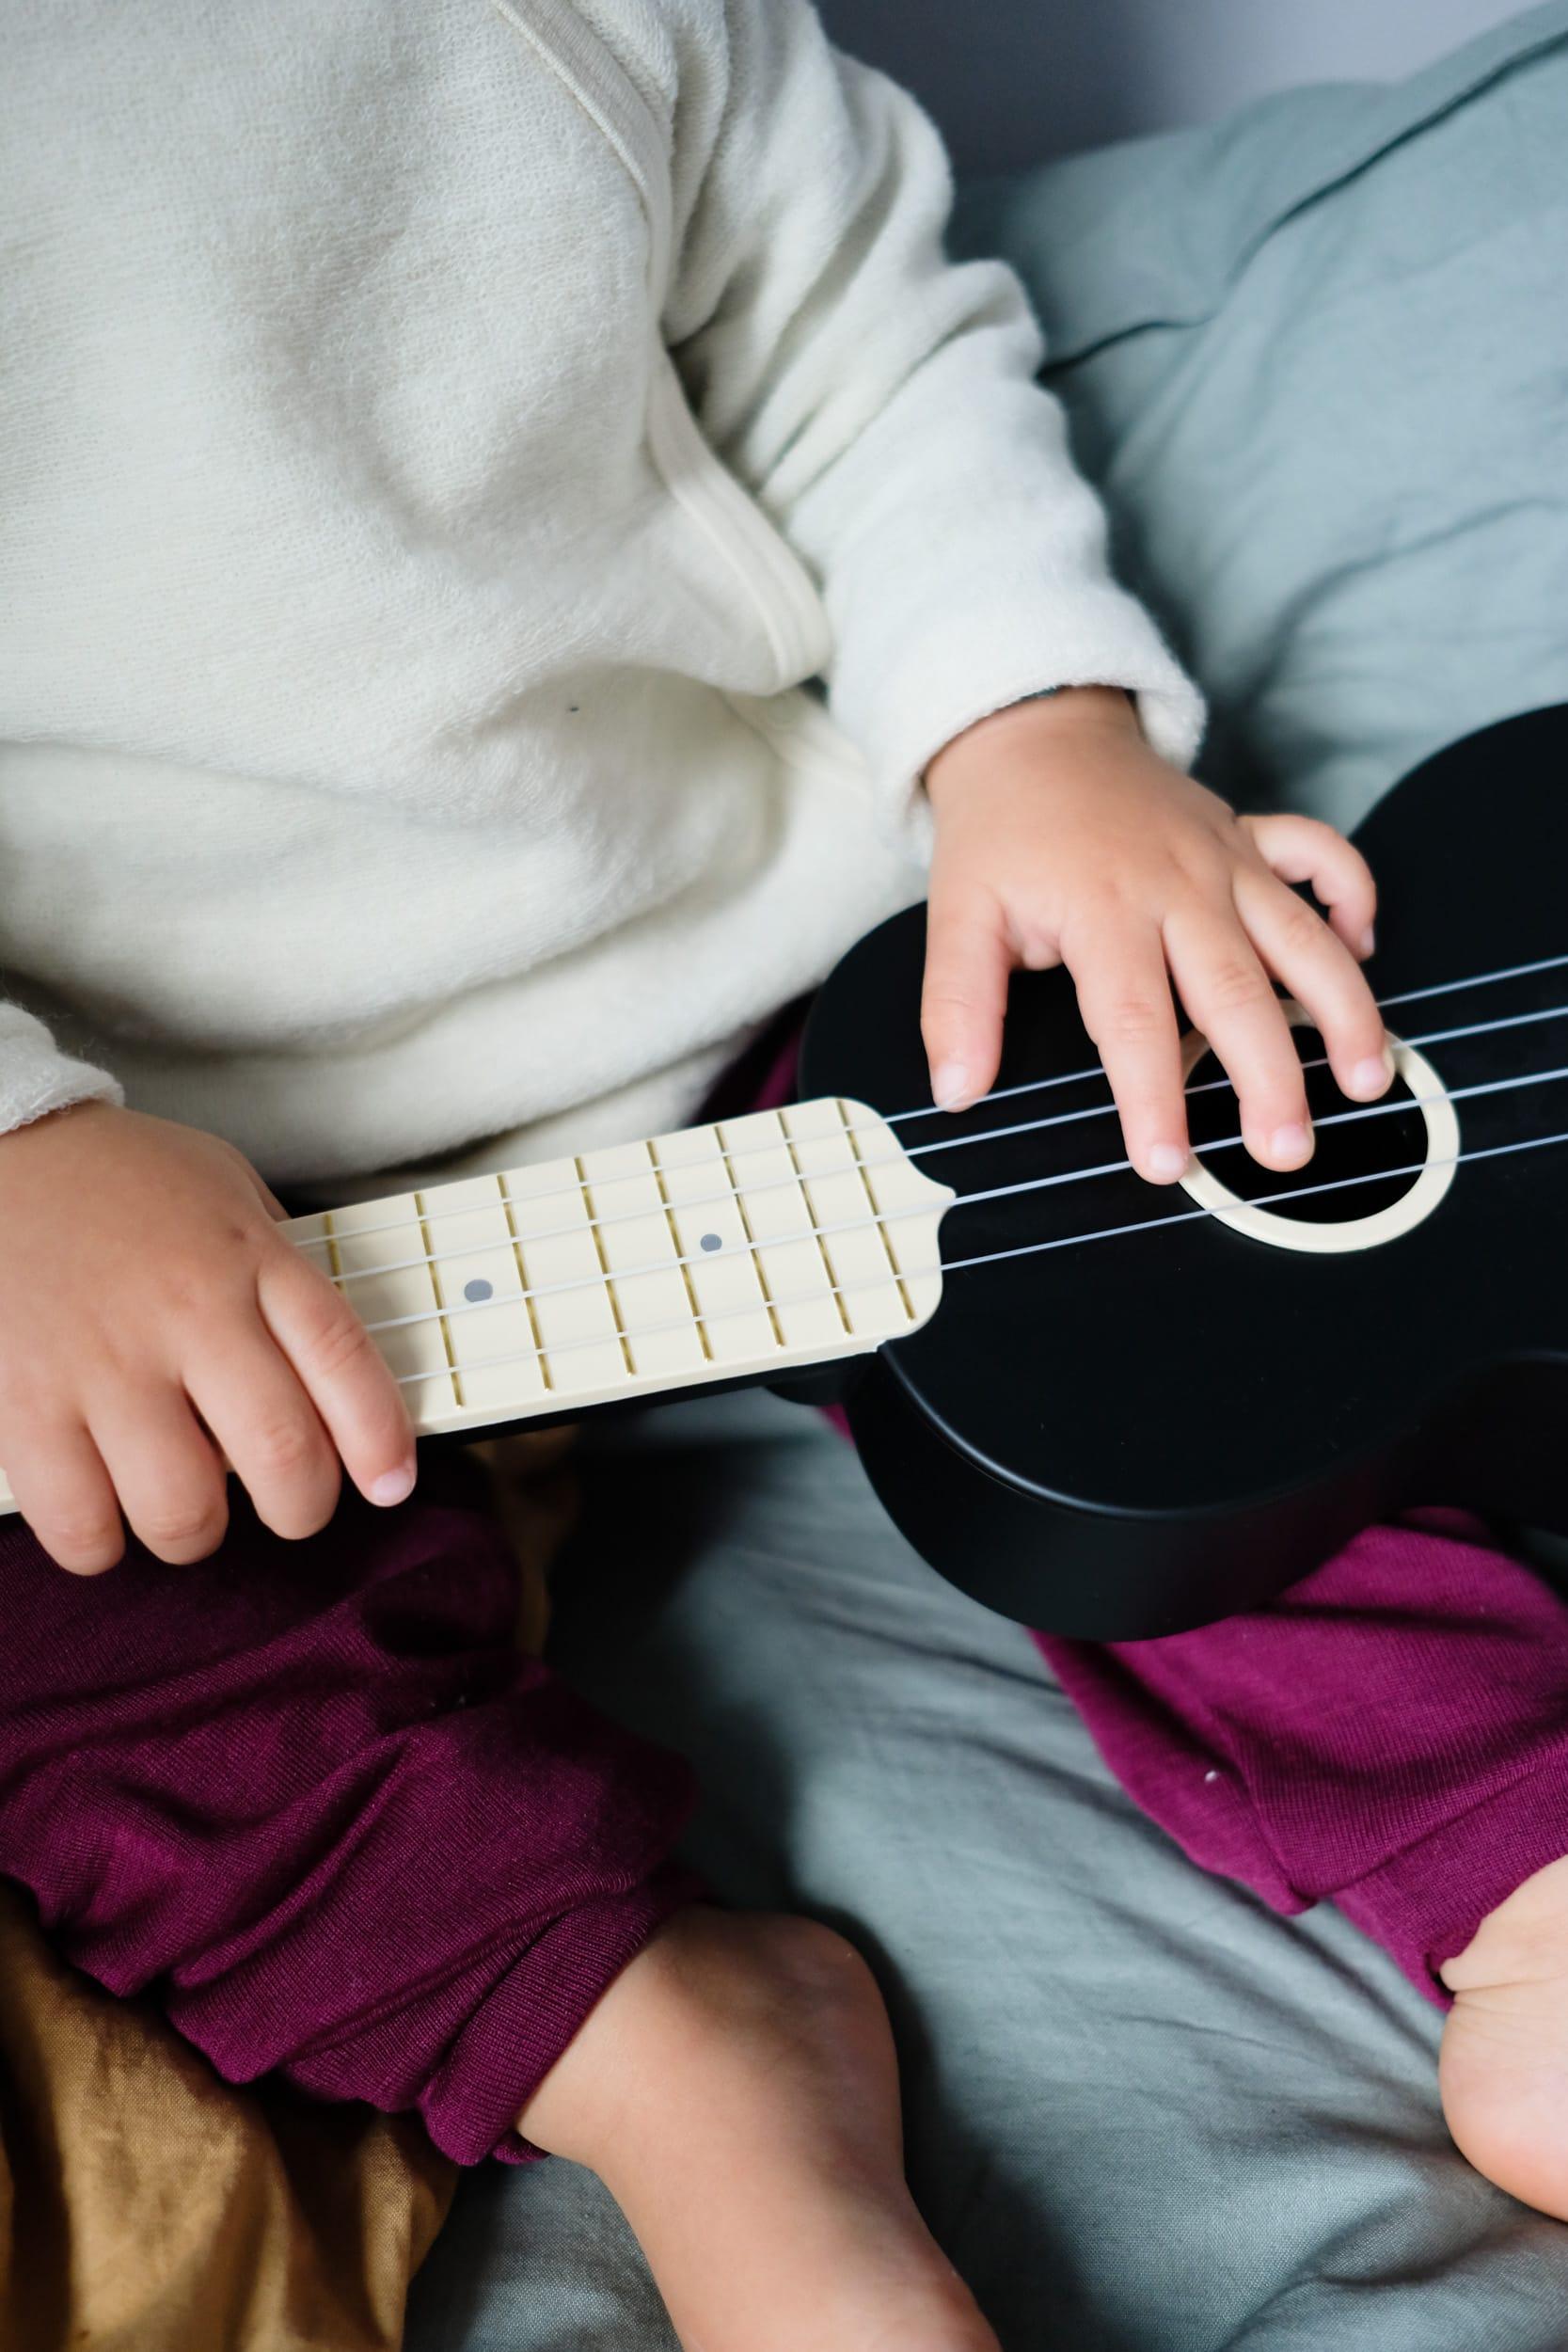 Musikinstrumente für Kleinkinder | Zuhause musizieren mit Kleinkindern und Babys | Ukulele | Kindergitarre | ivy.li